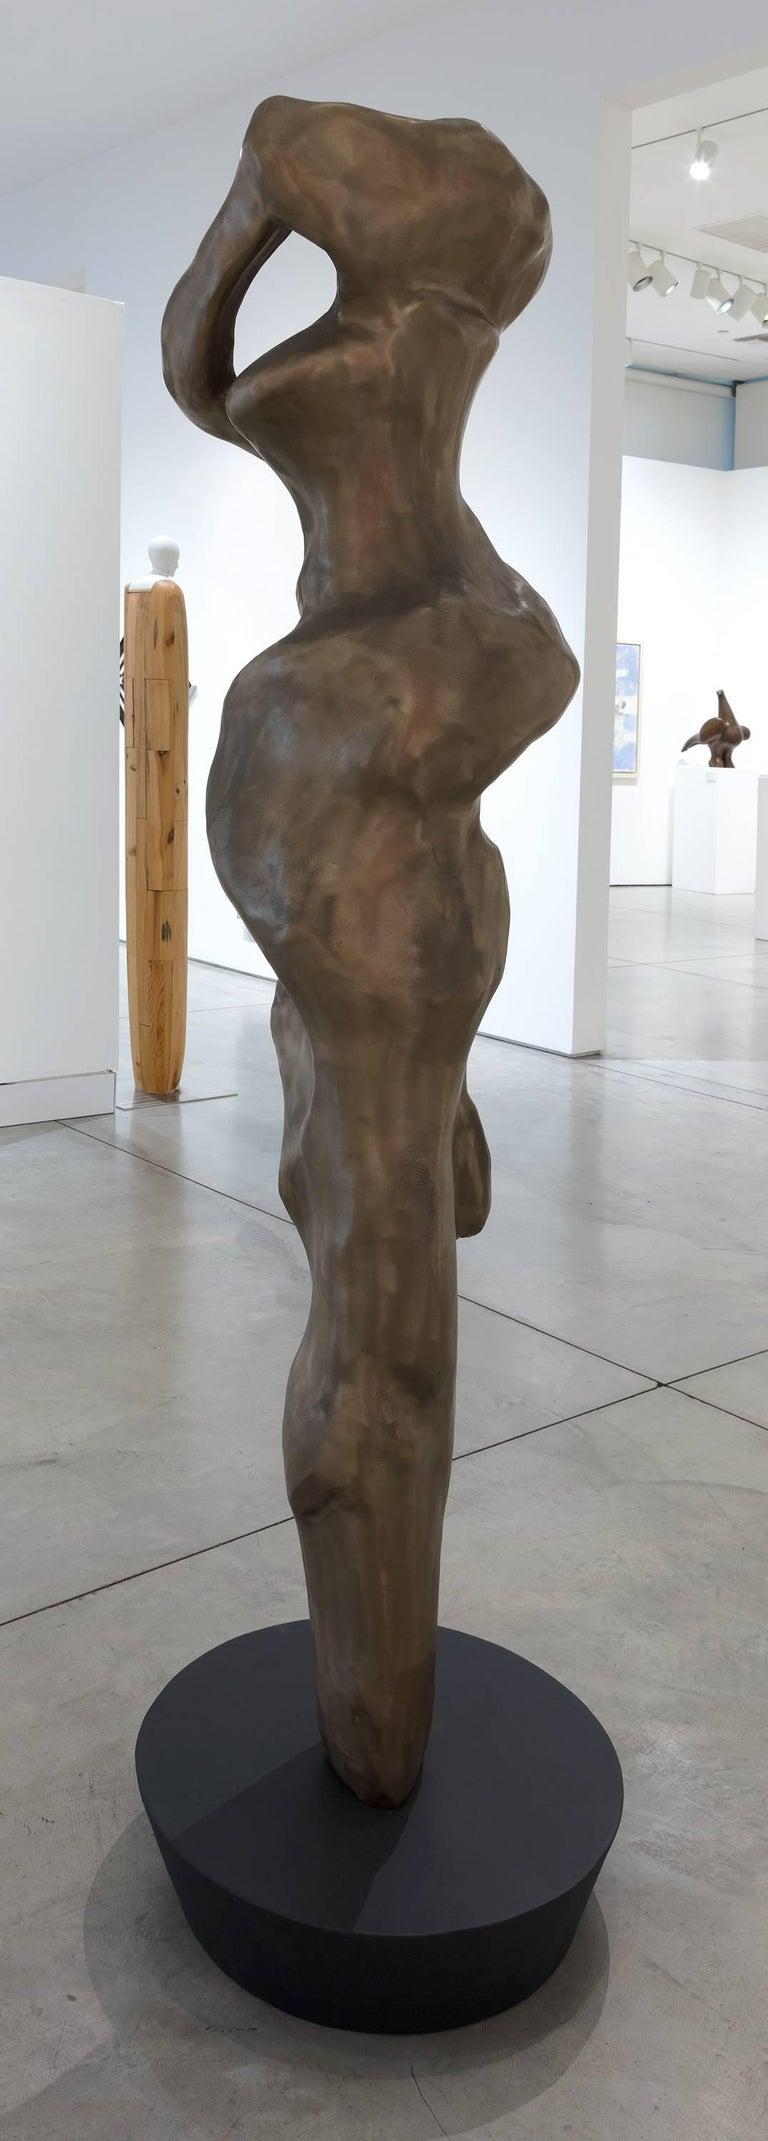 Embrace - Gold Abstract Sculpture by Herb Alpert